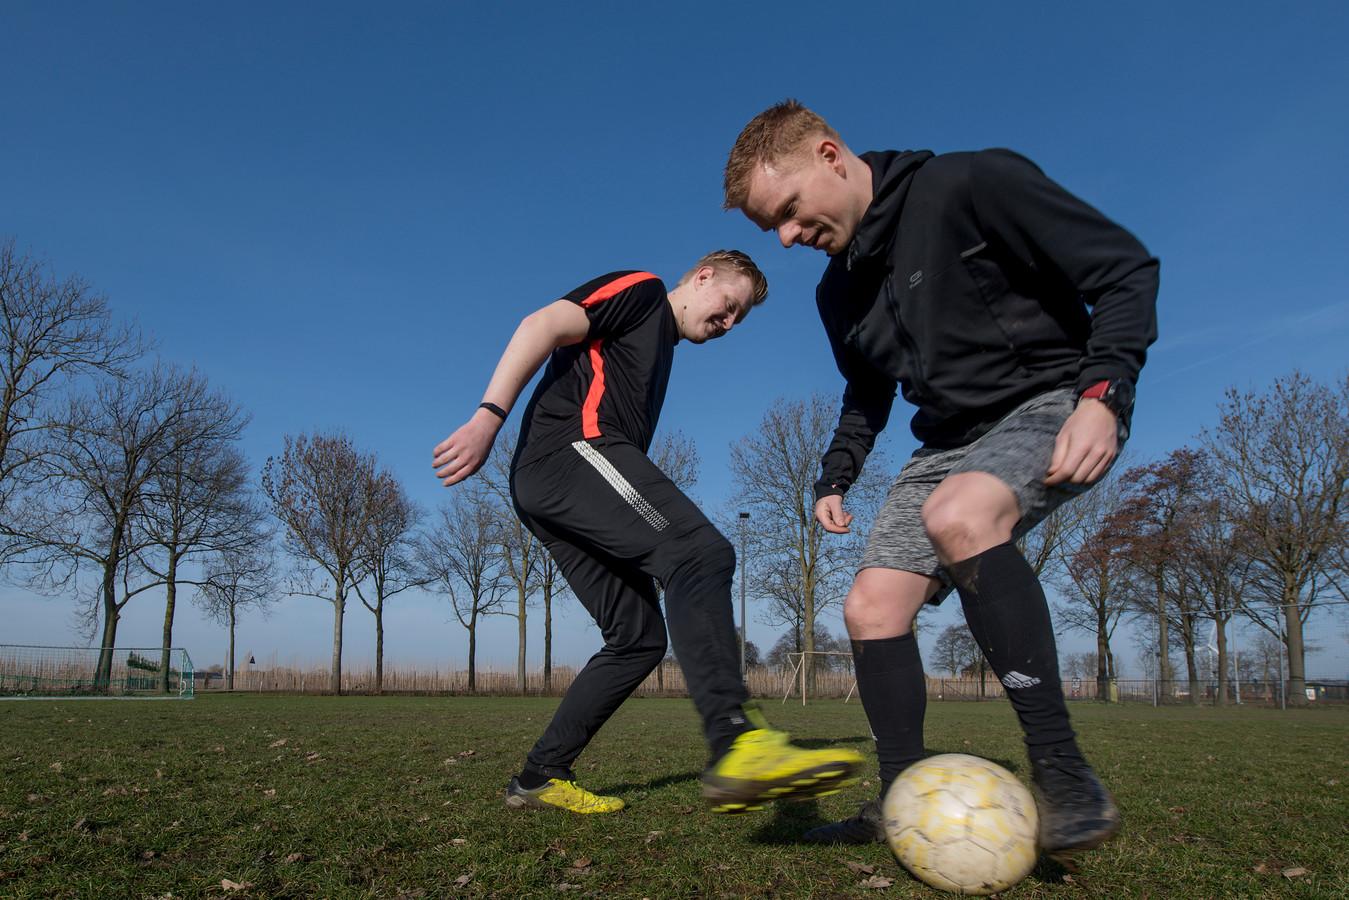 Ochten 20/02/2021 - Kans Voetbal - Trainer Joris Drent (r) en de autistische Rick Capelle - iov Gelderlander - Foto Raphael Drent